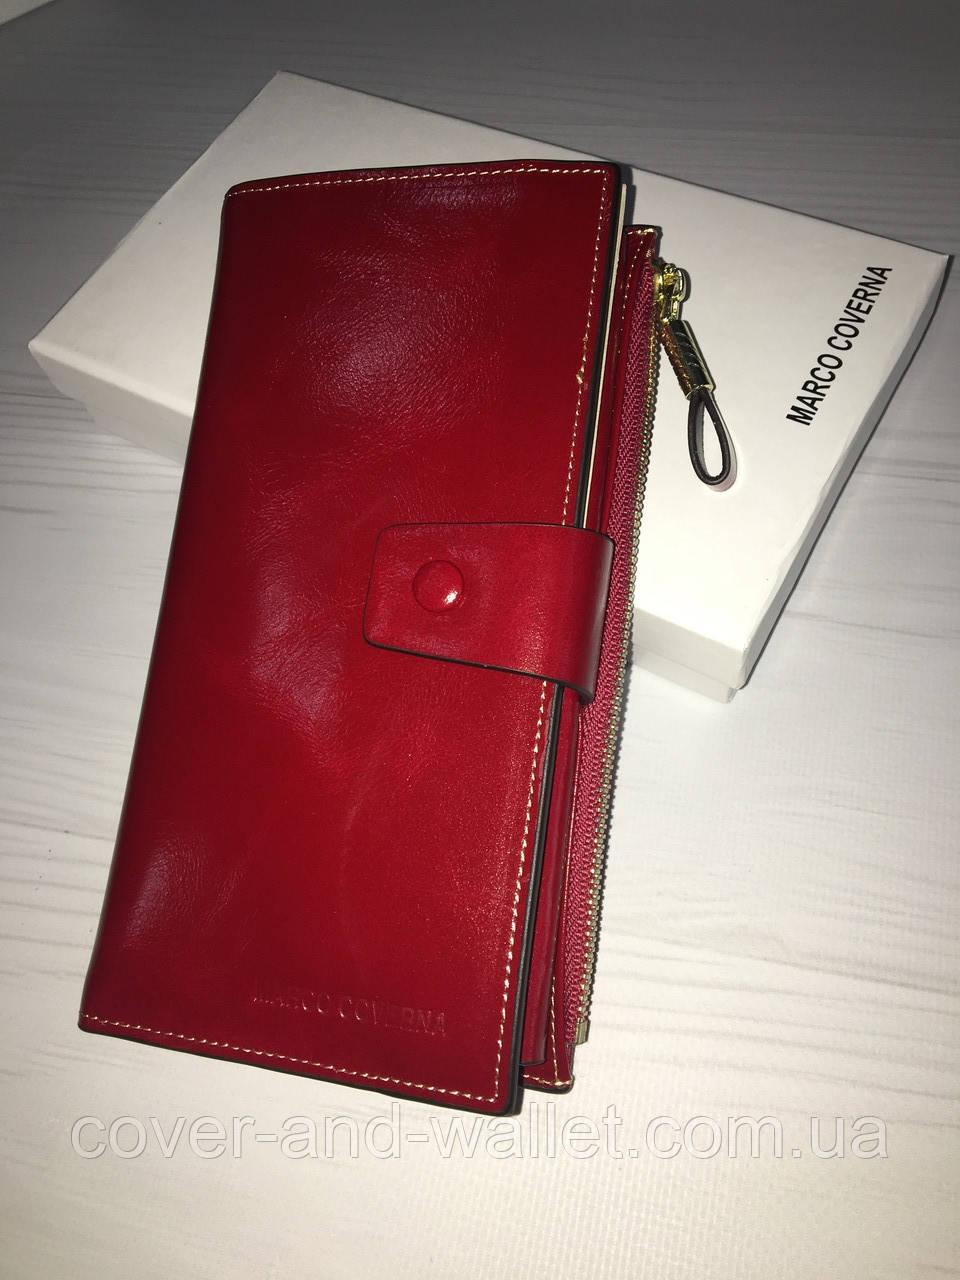 b123c6e7234a Красивый женский кошелек клатч из гладкой кожи красного цвета Marco Coverna